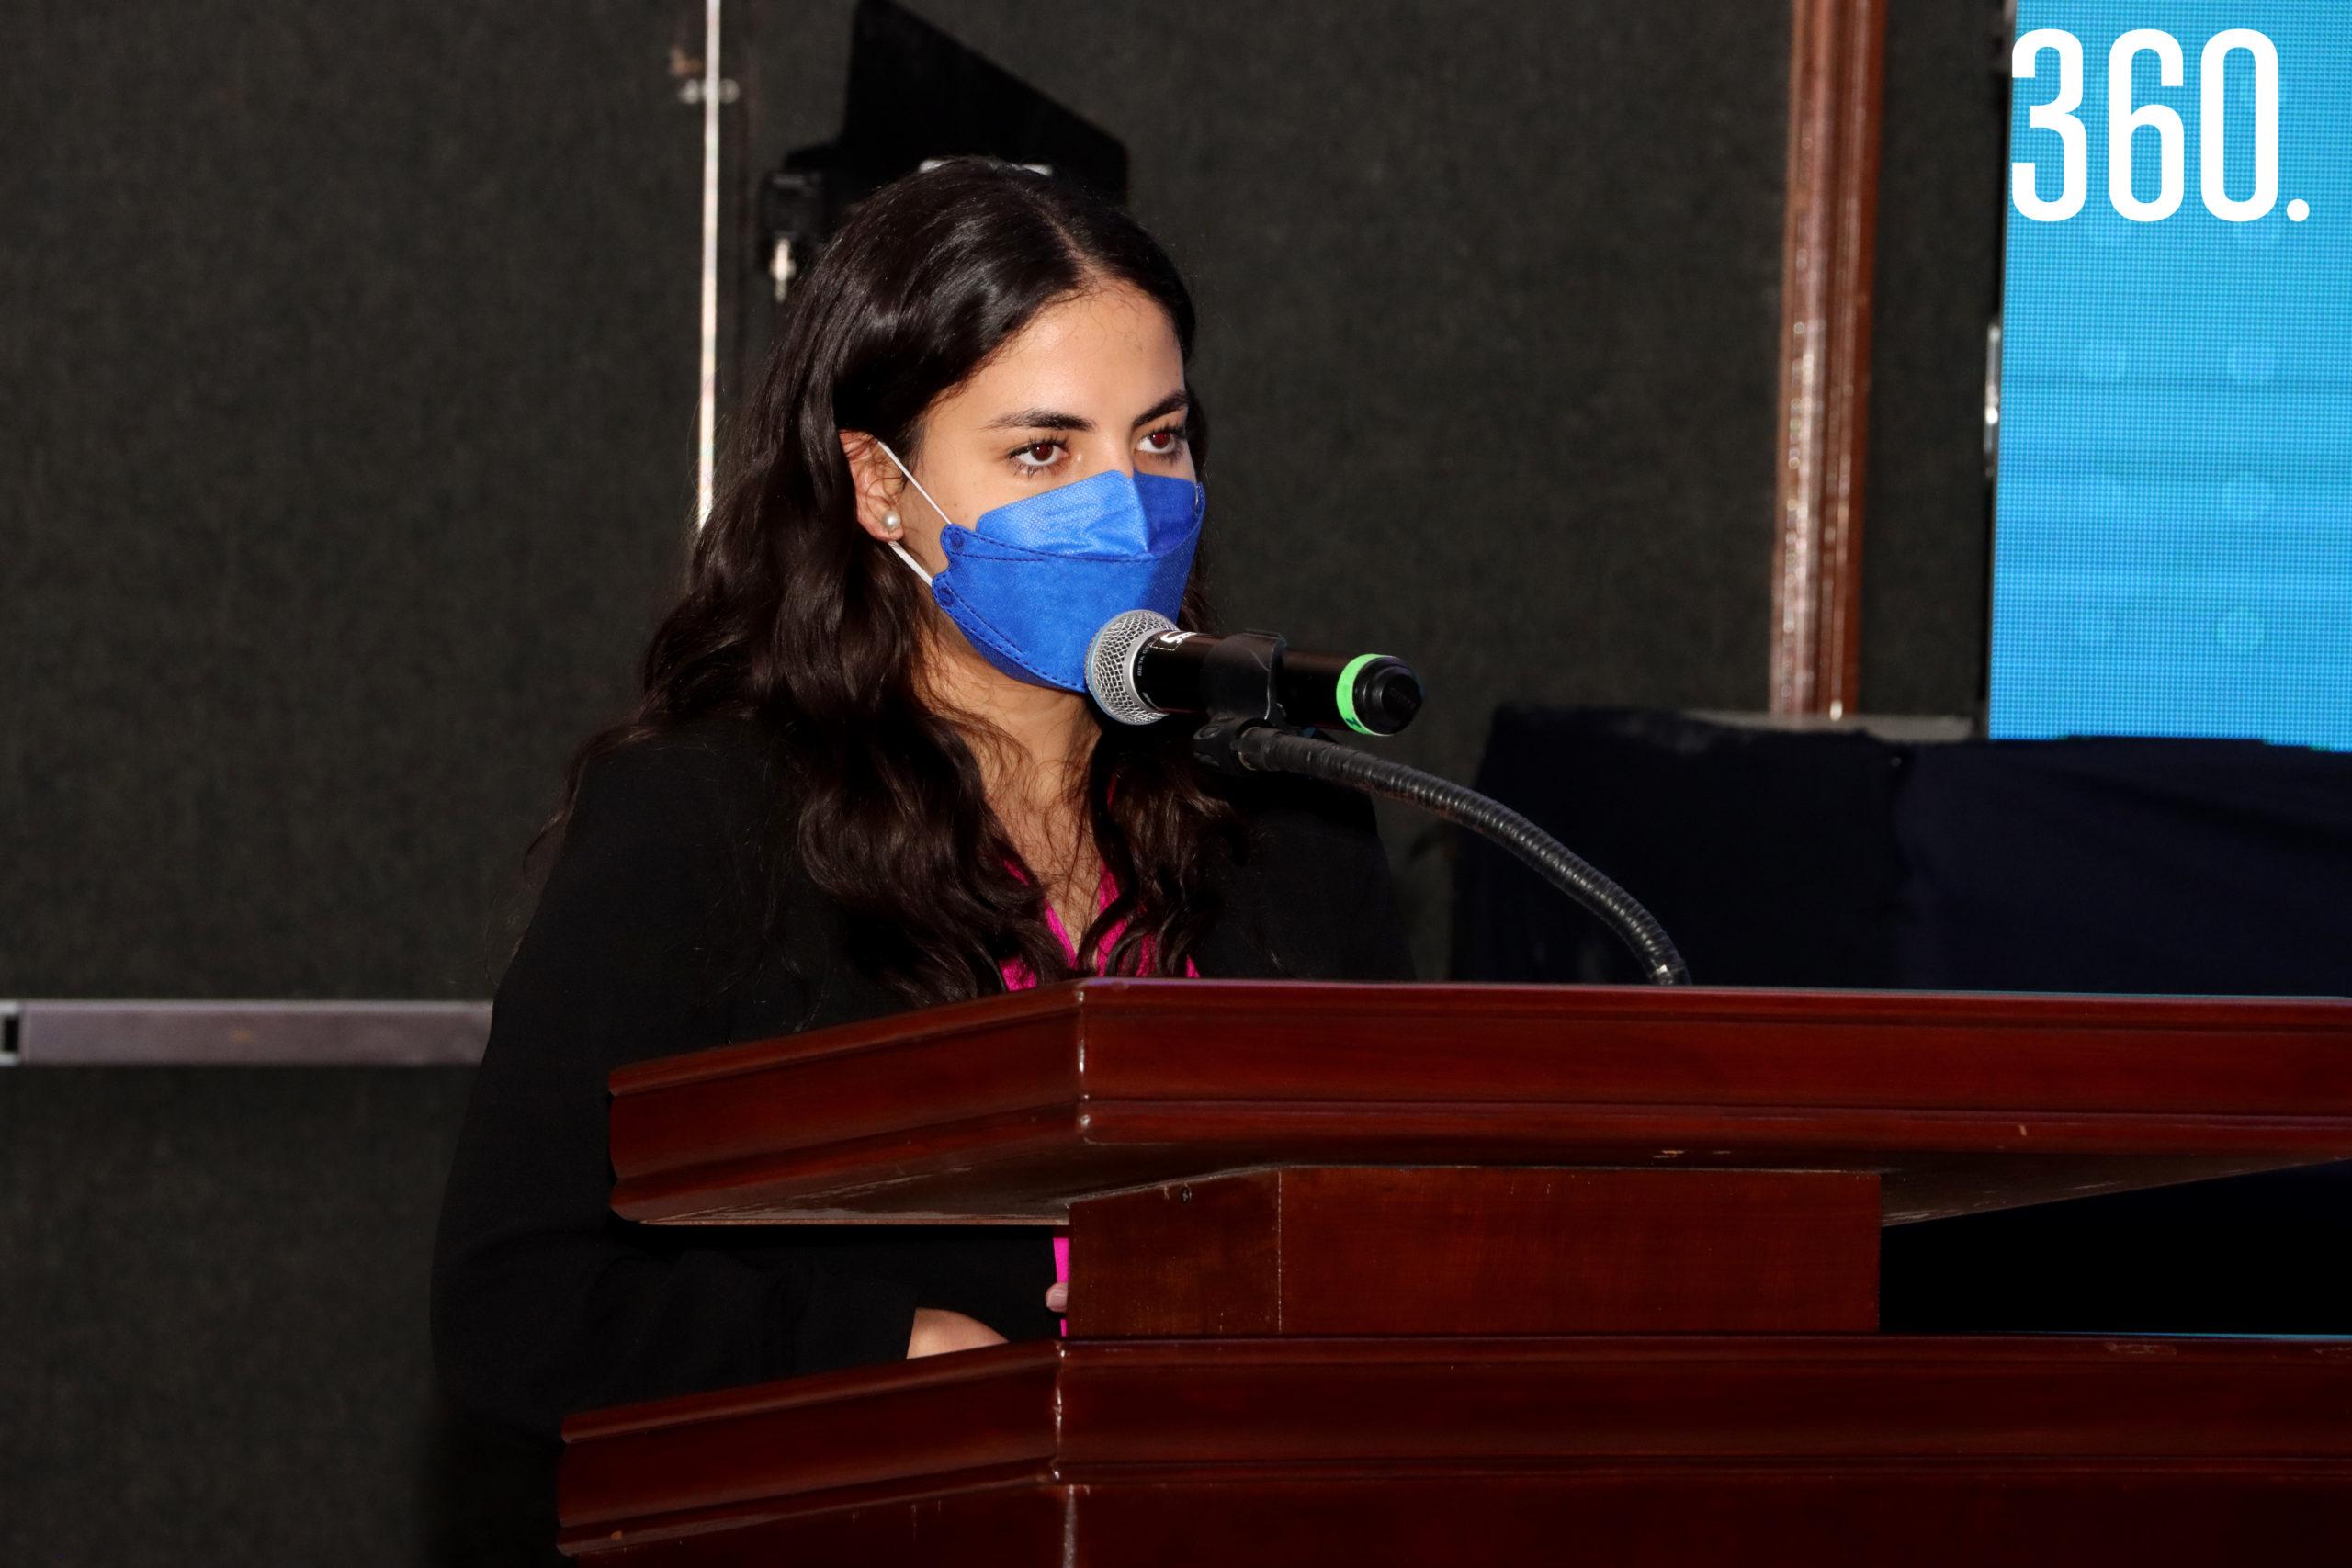 Andrea Benavides García del área de Liderazgo y Vivencia, compartió unas palabras con los asistentes al evento.